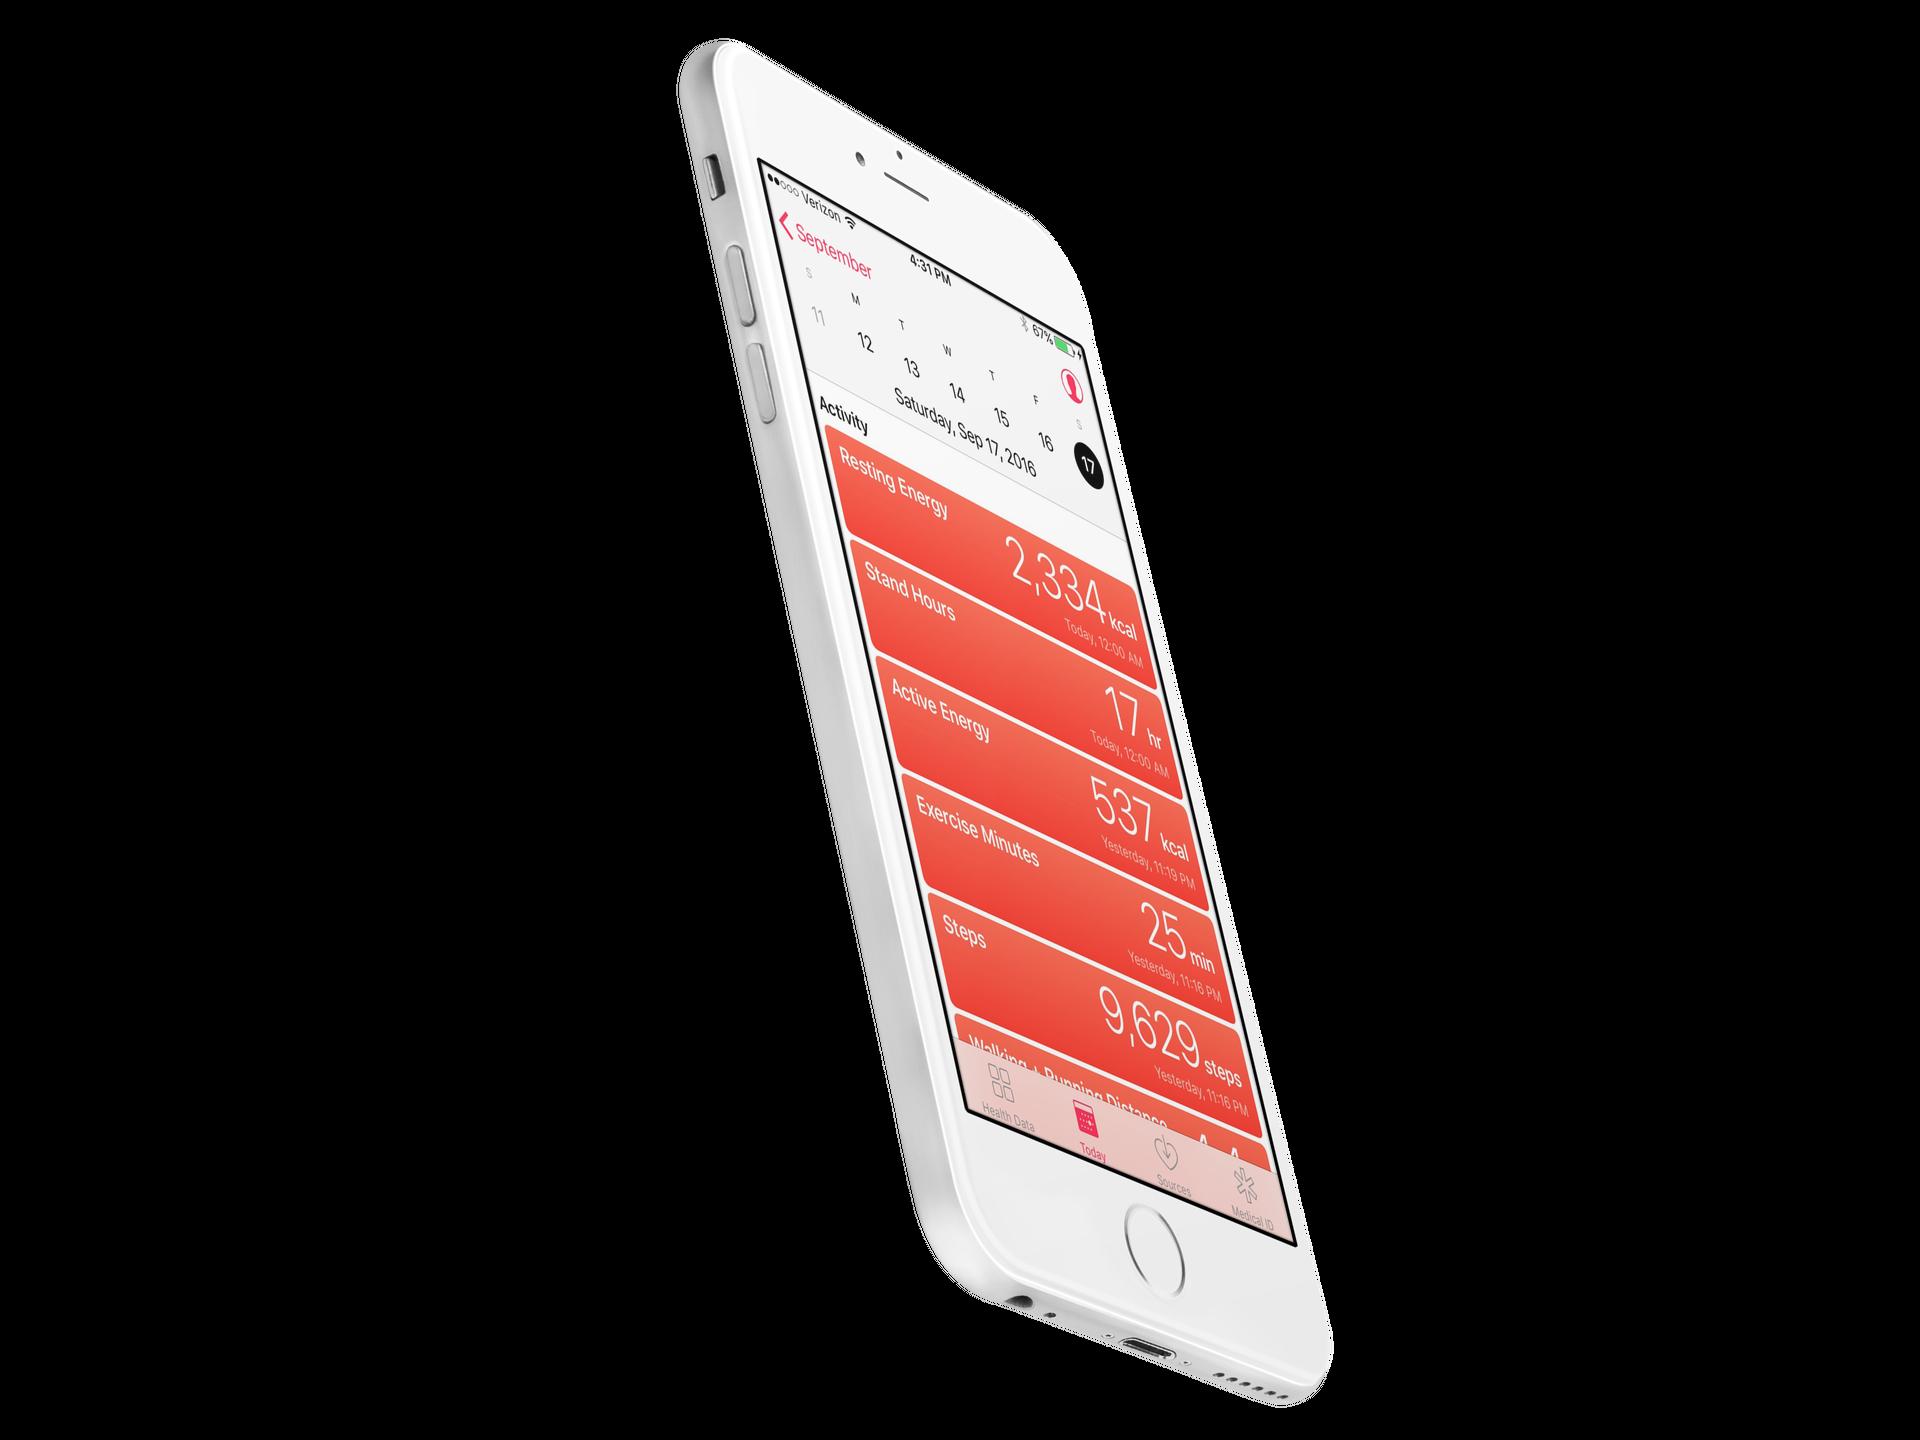 ios-10-health-app-data